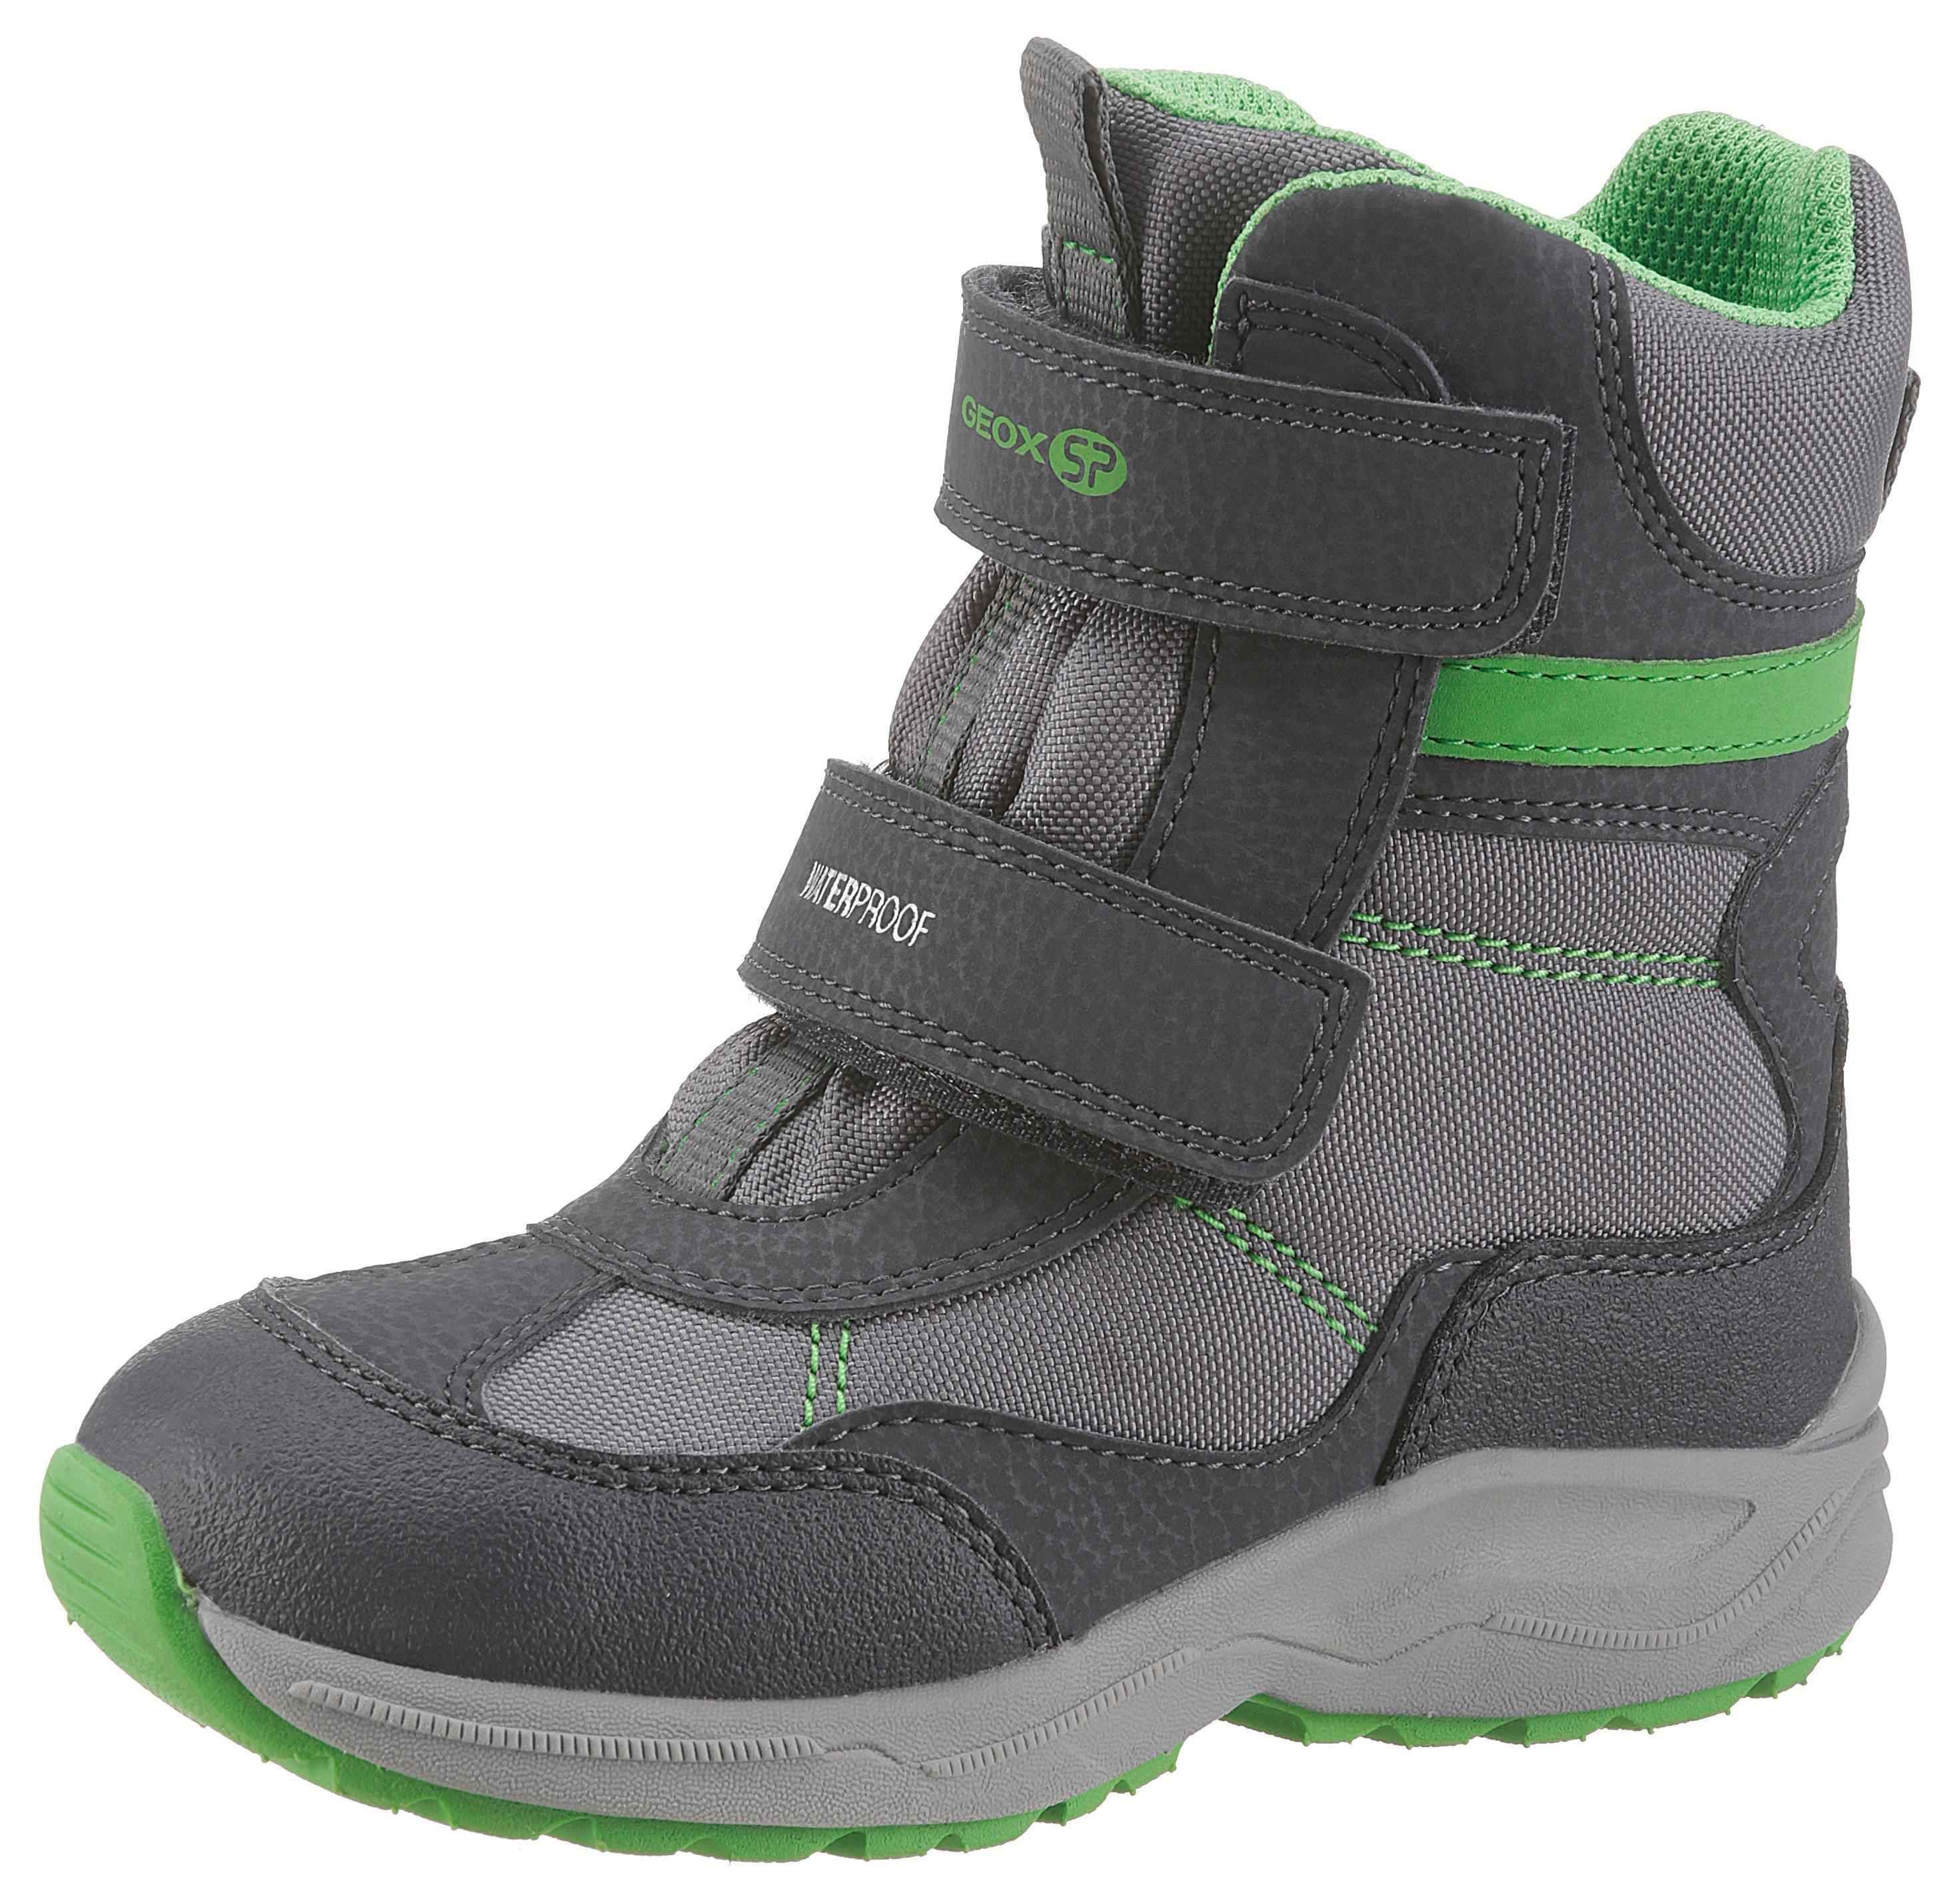 852634f3c7b5d Geox Kids Čižmy na suchý zips »New Alaska Boy« morská modrá-sivá-zelená